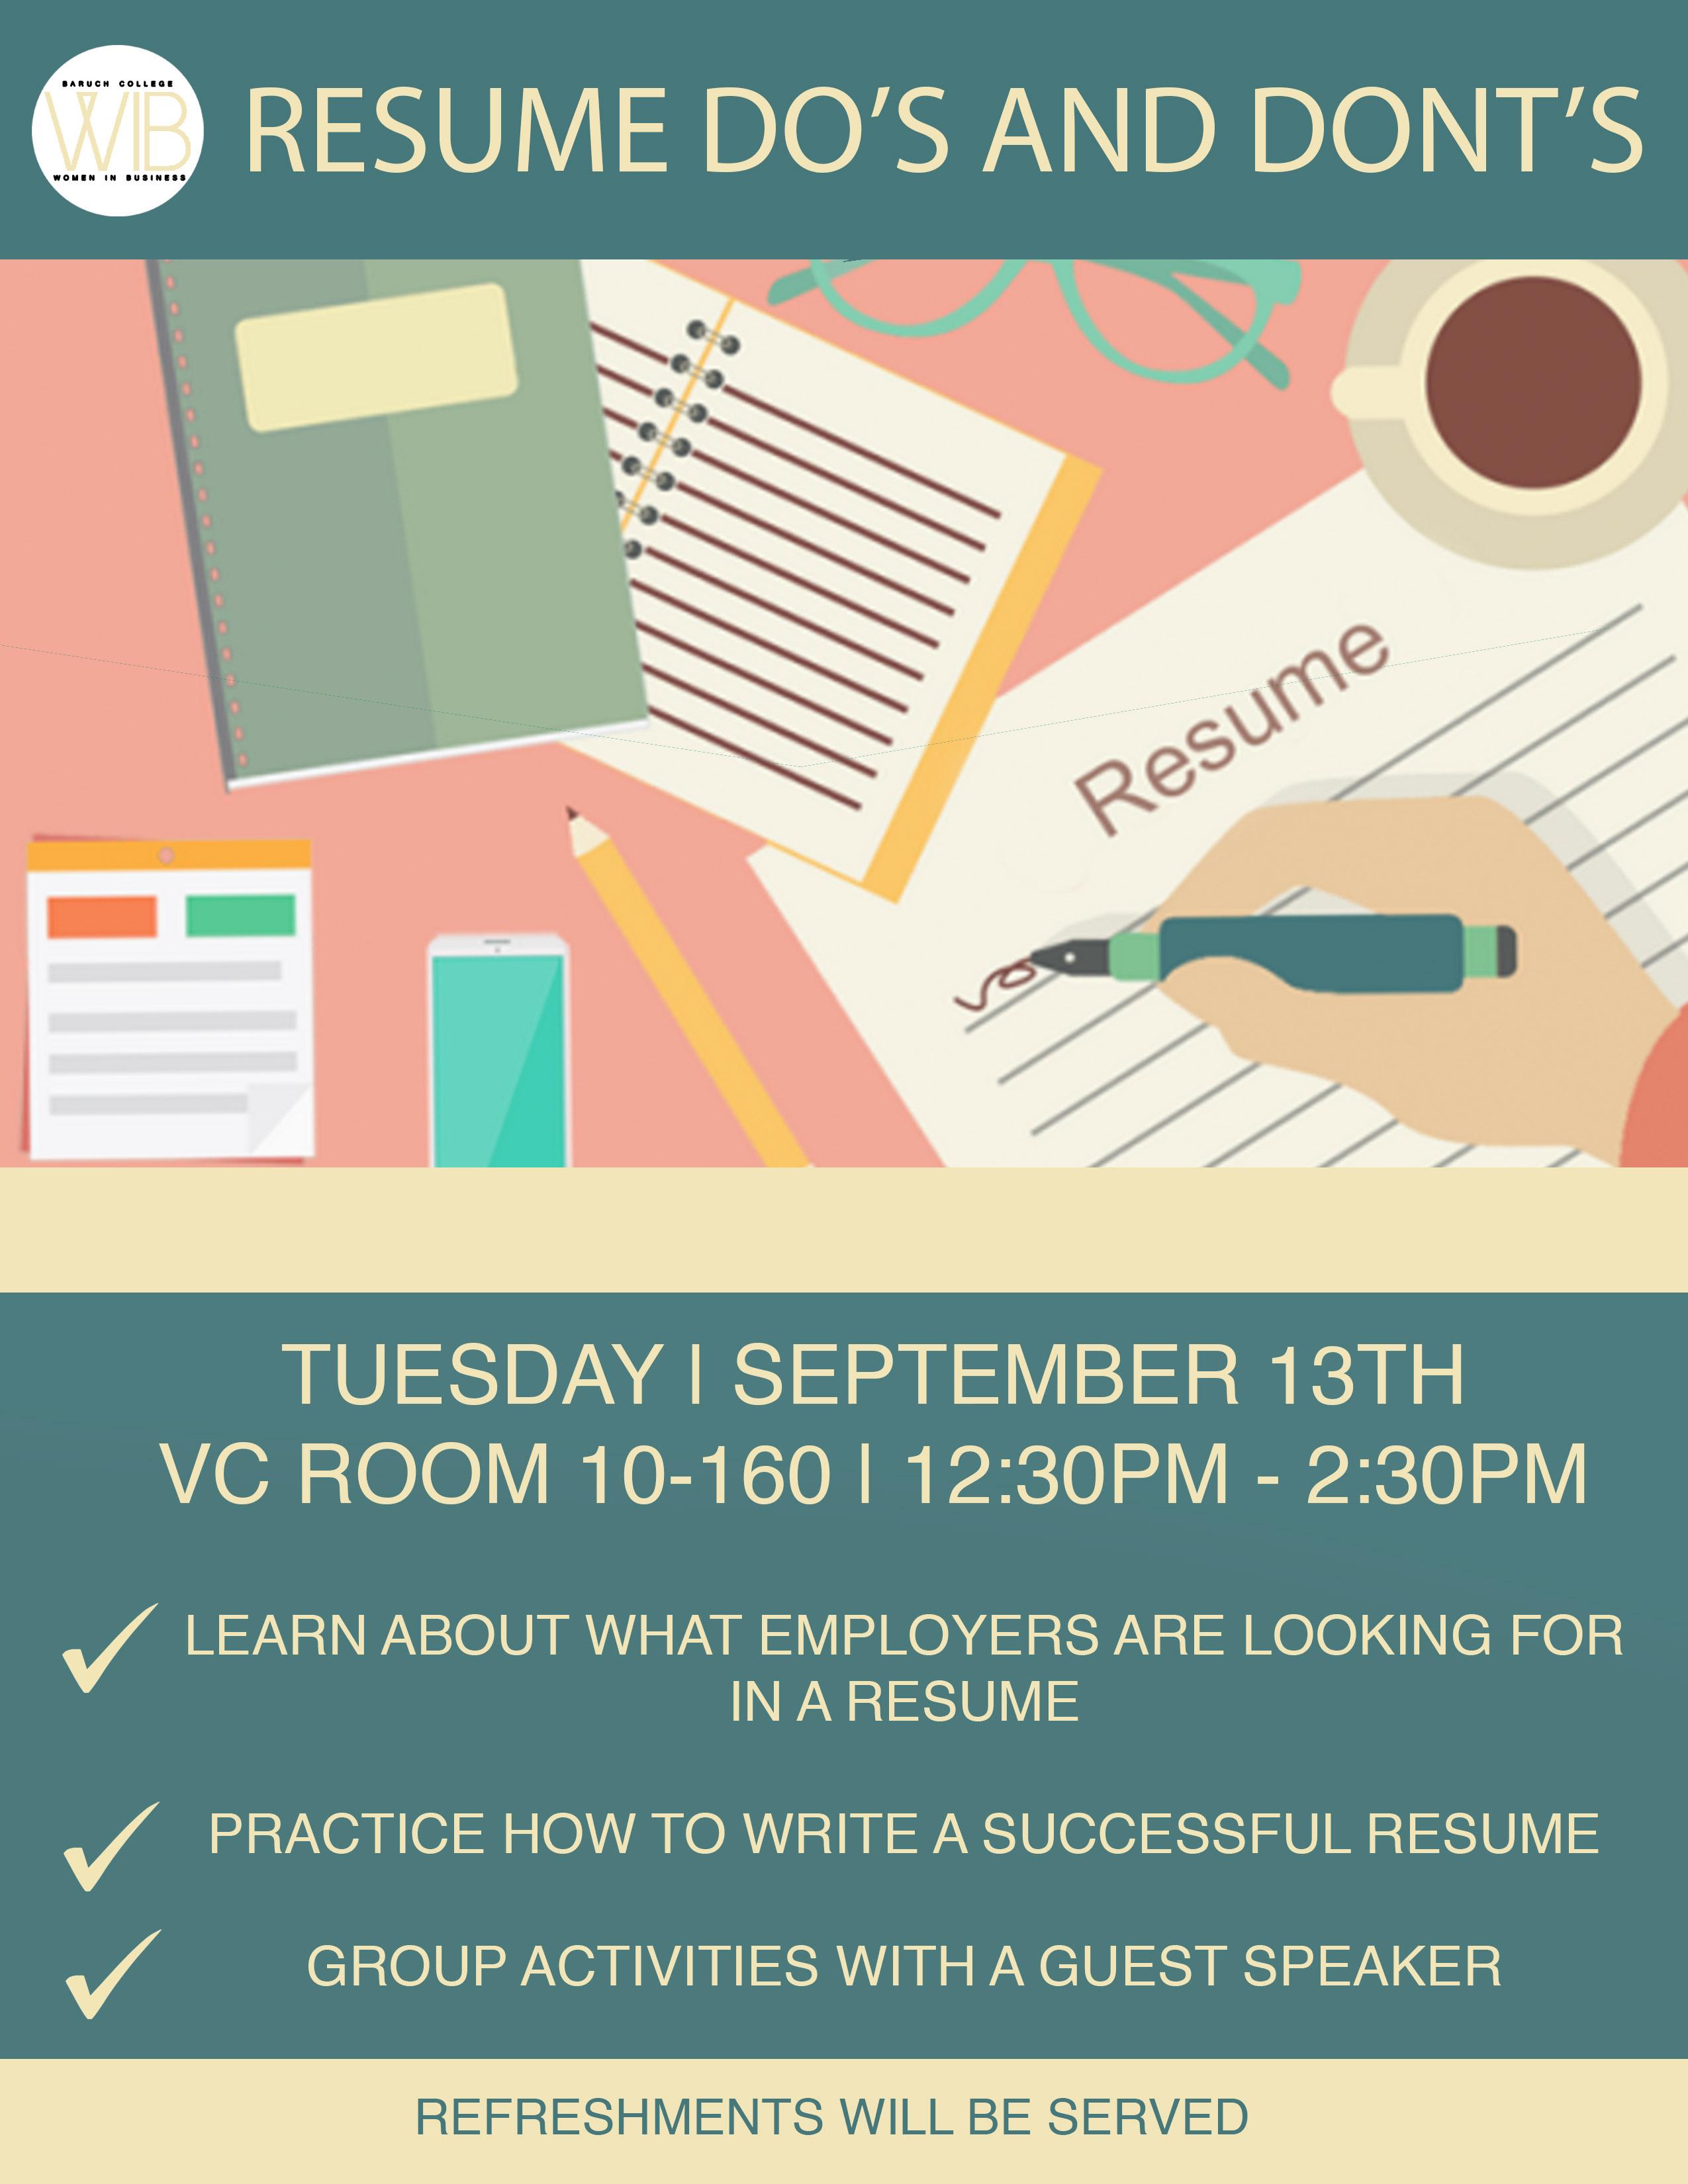 Resume Do's & Don'ts